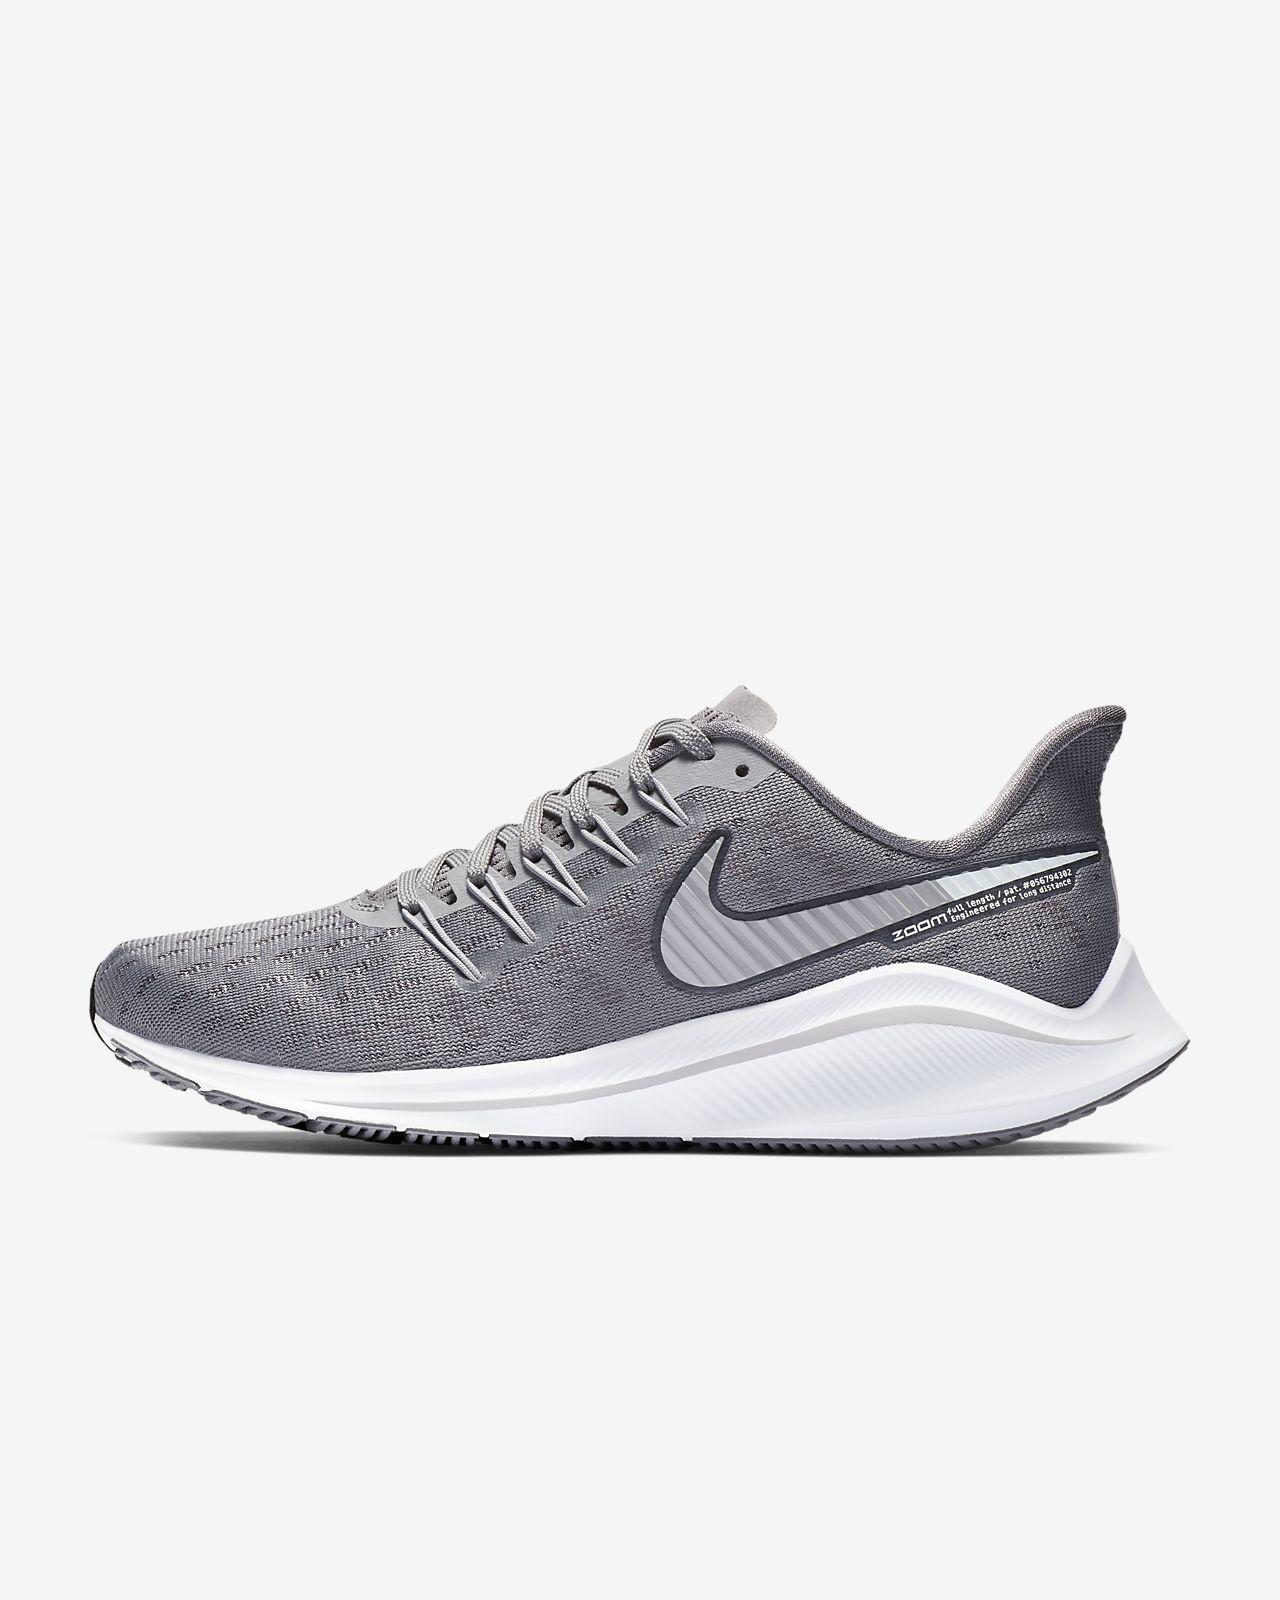 e9646b27f1d Calzado de running para mujer Nike Air Zoom Vomero 14. Nike.com MX